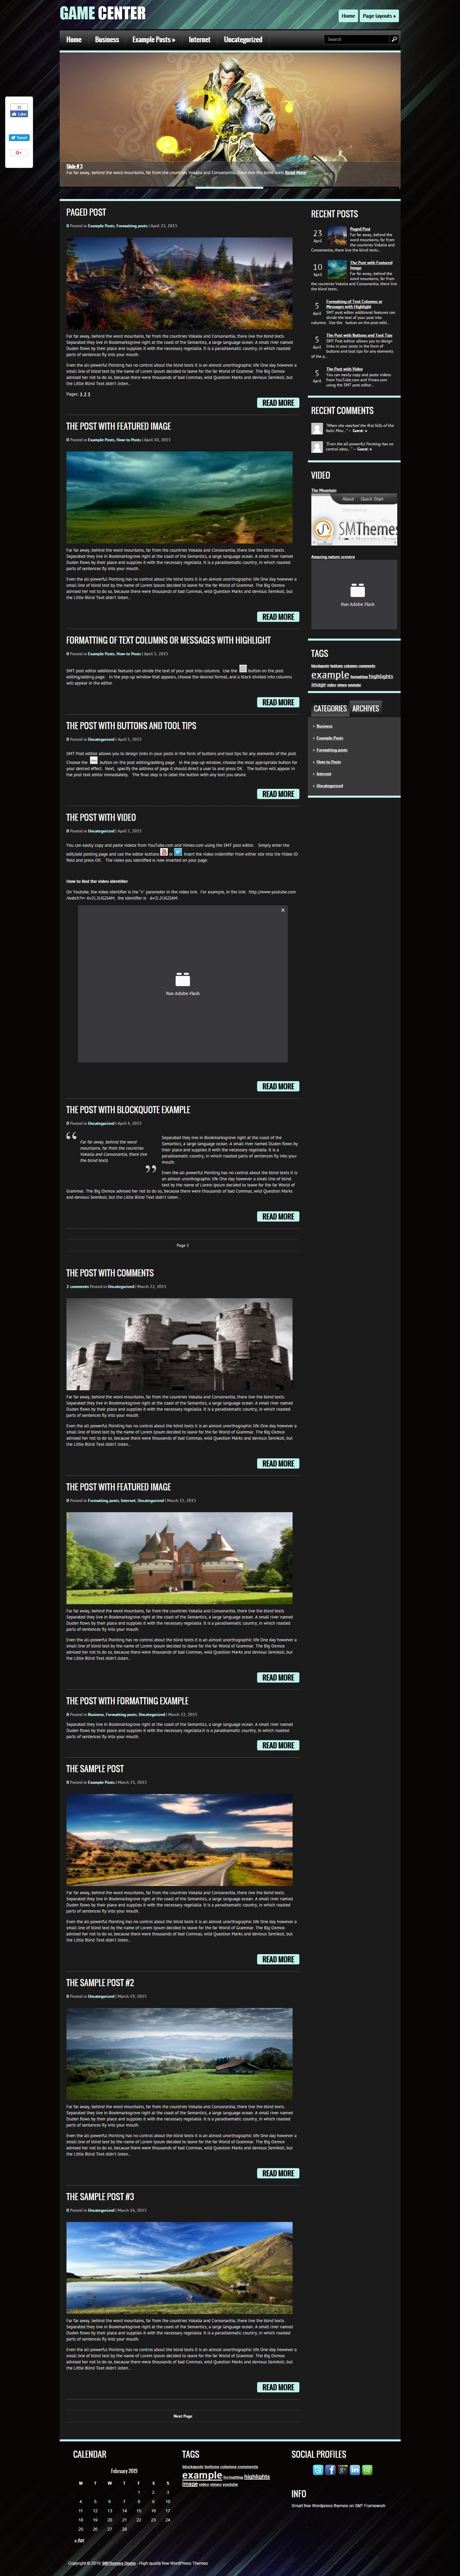 gamecenter best free gaming wordpress theme - 10+ Best Free Gaming WordPress Themes